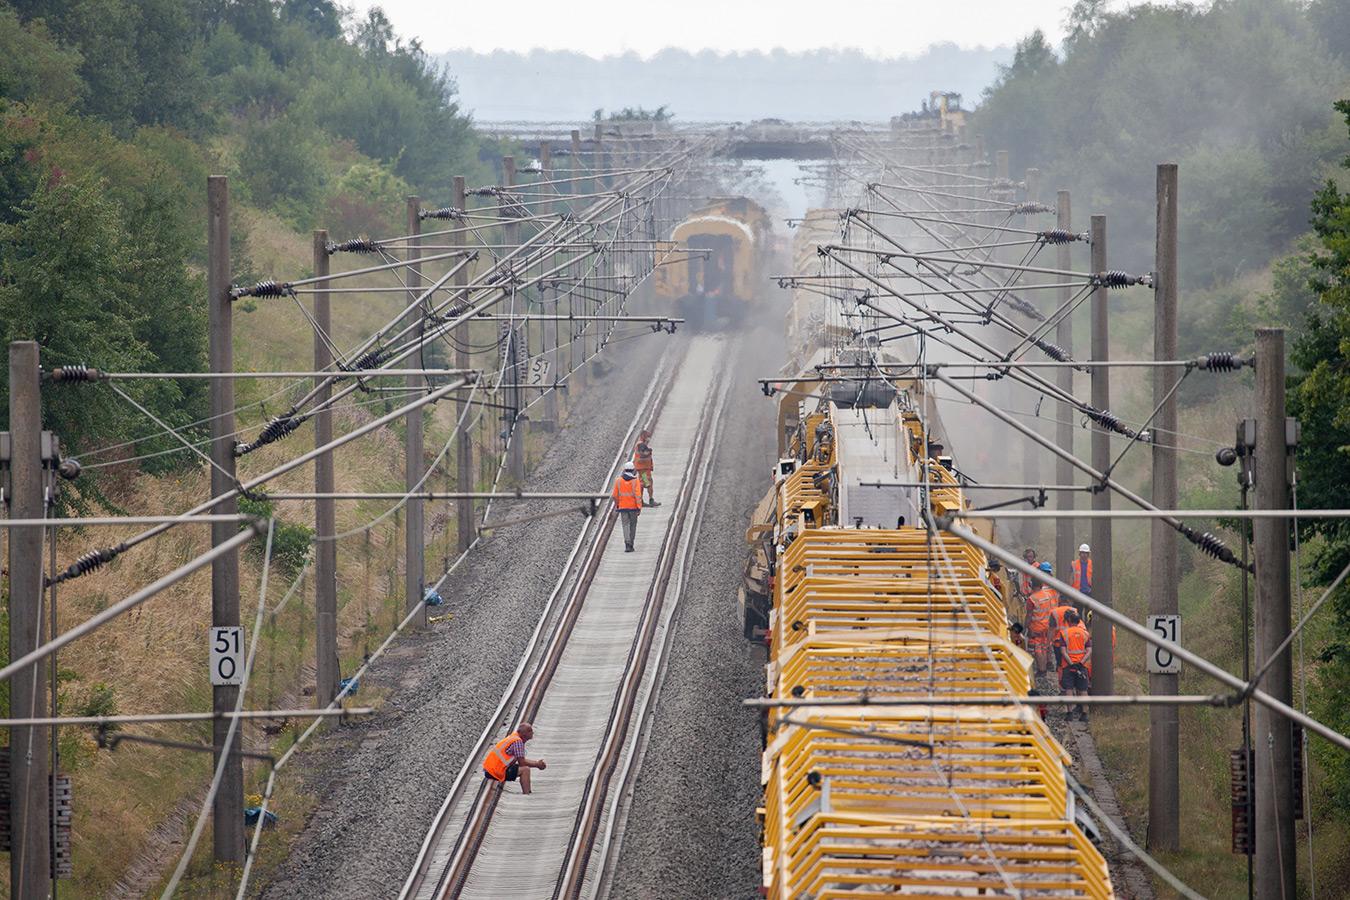 http://www.lammetalbahn.de/extra/dso/20190719-131933-IMG_1737-5D2.jpg